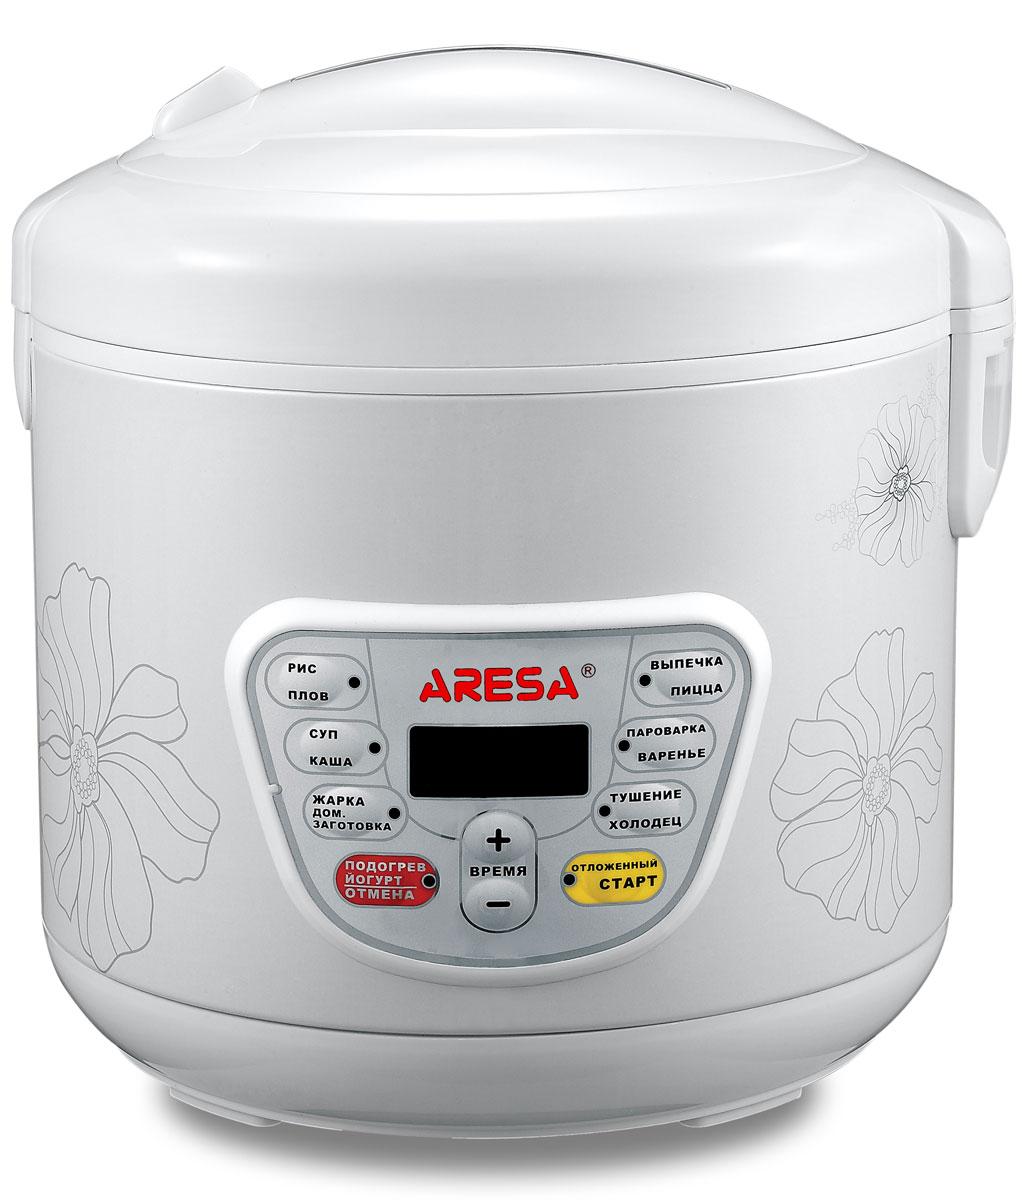 Aresa AR-2001 мультиваркаAR-2001Мультиварка Aresa AR-2001 имеет светодиодный LED-дисплей и вместительную чашу объемом 5 литров с керамическим покрытием. Удобная ручка для переноски позволит осуществлять удобное перемещение прибора. Множество различных функций и режимов приготовления позволит готовить именно те блюда, которые вам нравятся. Регулировка времени приготовления варьируется от 5 минут до 6 часов. В комплект входят полезные аксессуары для приготовления пищи, а книгу рецептов можно бесплатно скачать с сайта производителя.